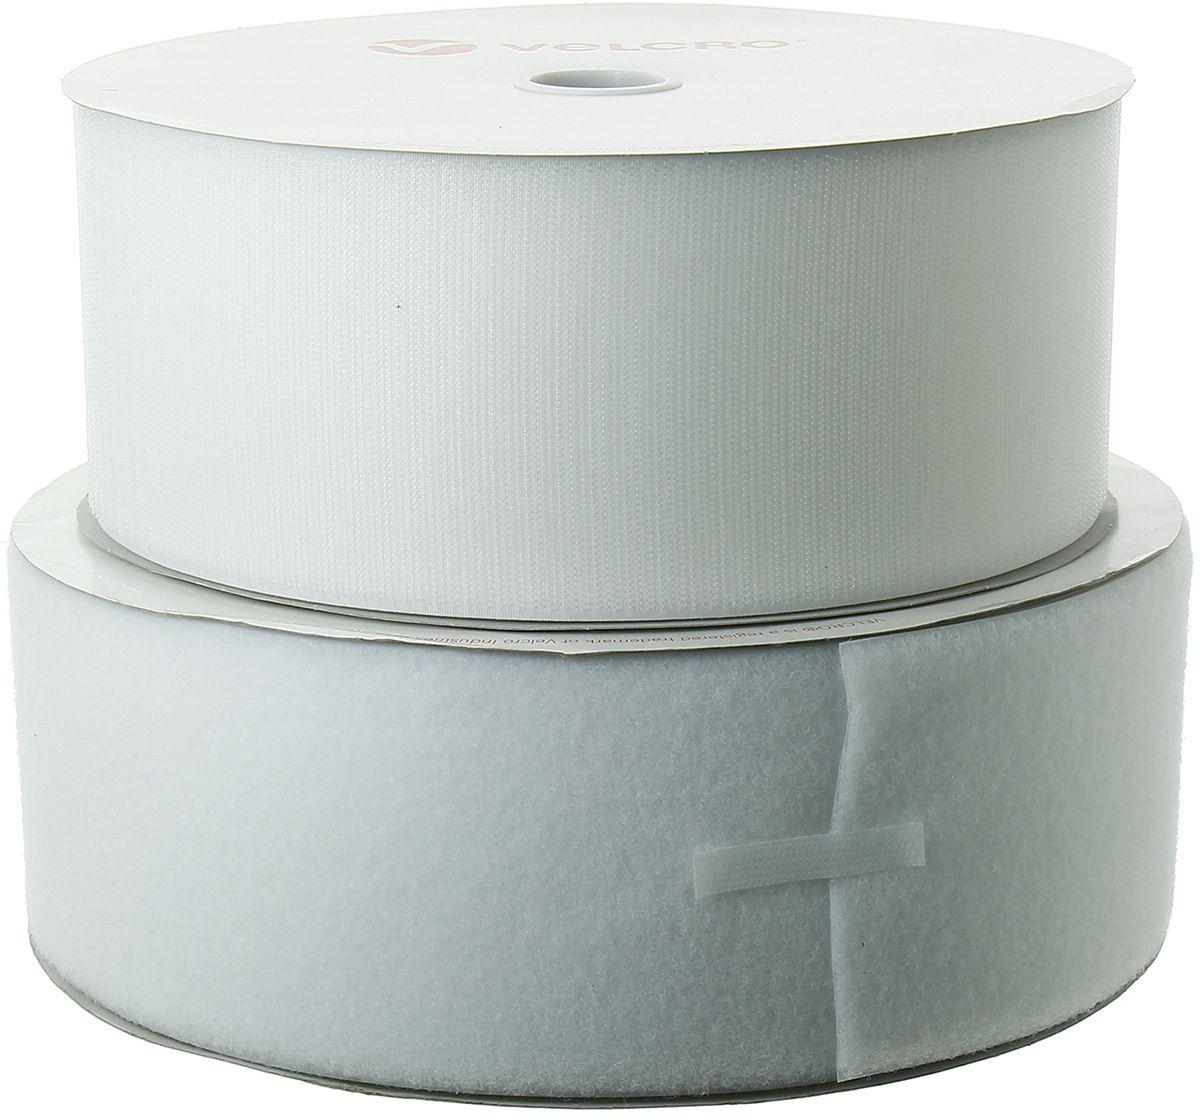 VELCRO® Brand adhésif blanc 100 mm de large rouleau de 25 mètres